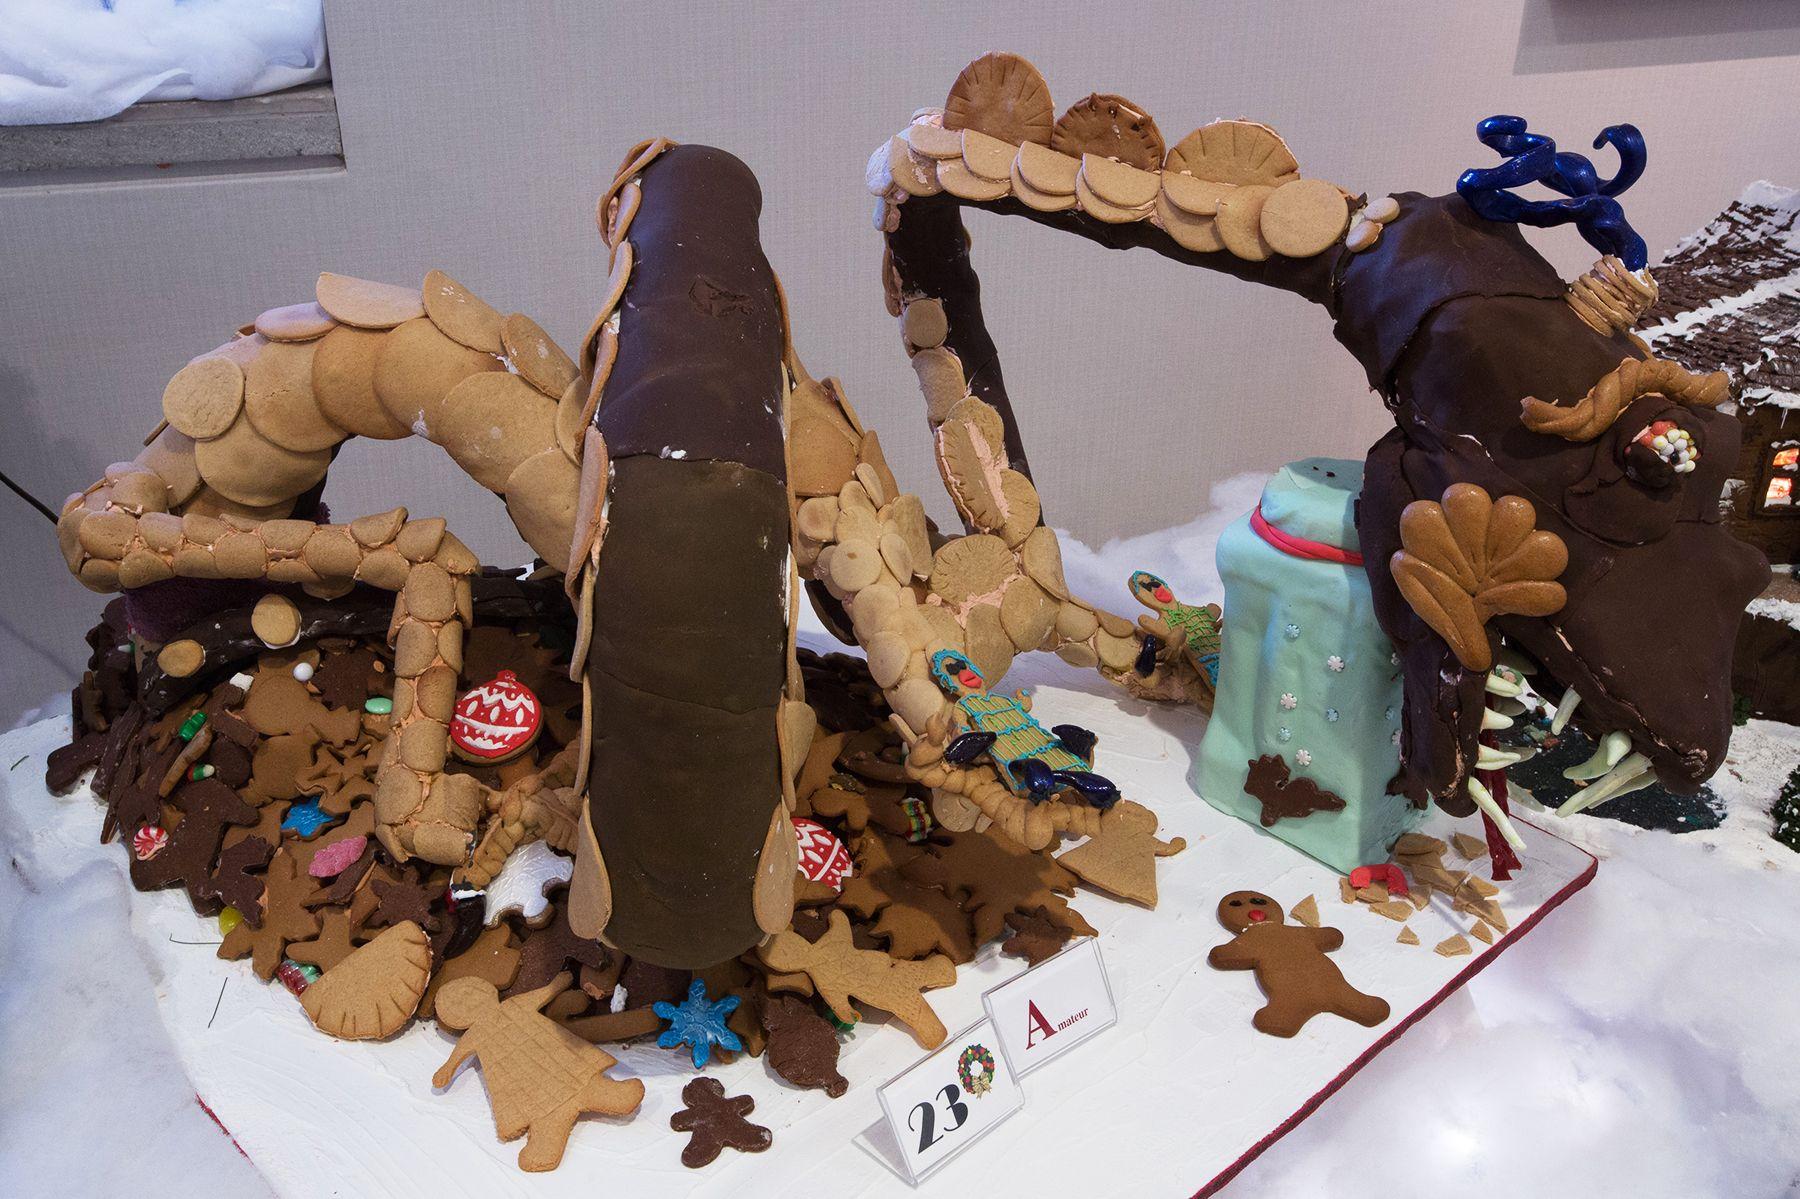 Gingerbread Lane 2014 Hyatt Regency Vancouver Gingerbread Cake Birthday Cake